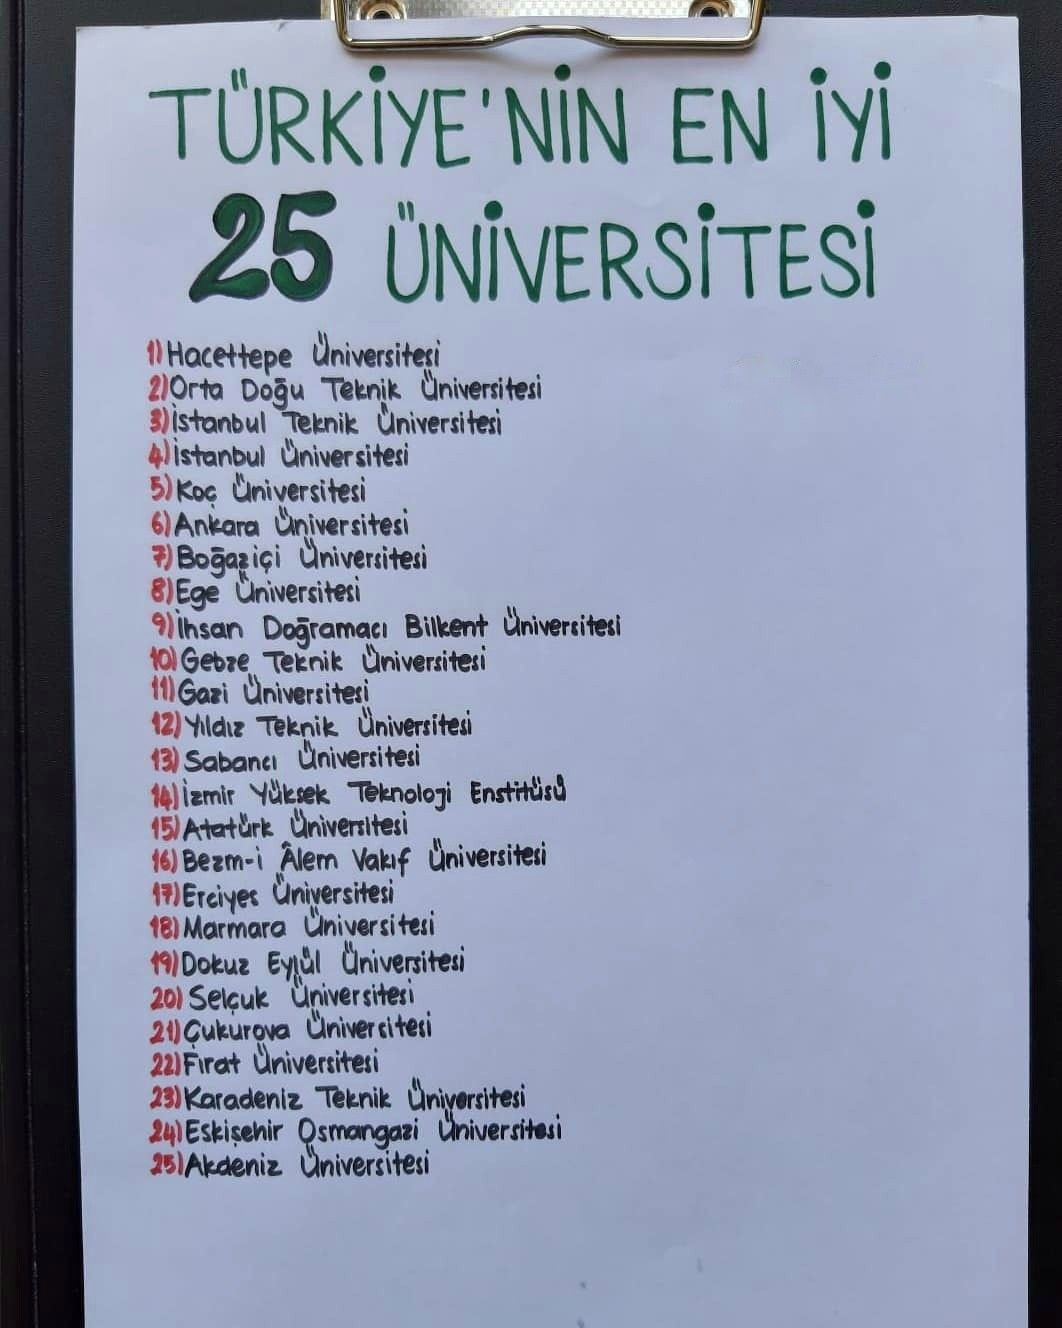 Turkiye Nin En Iyi 25 Universitesi Ders Calisma Ipuclari Egitim Felsefesi Ders Programlari